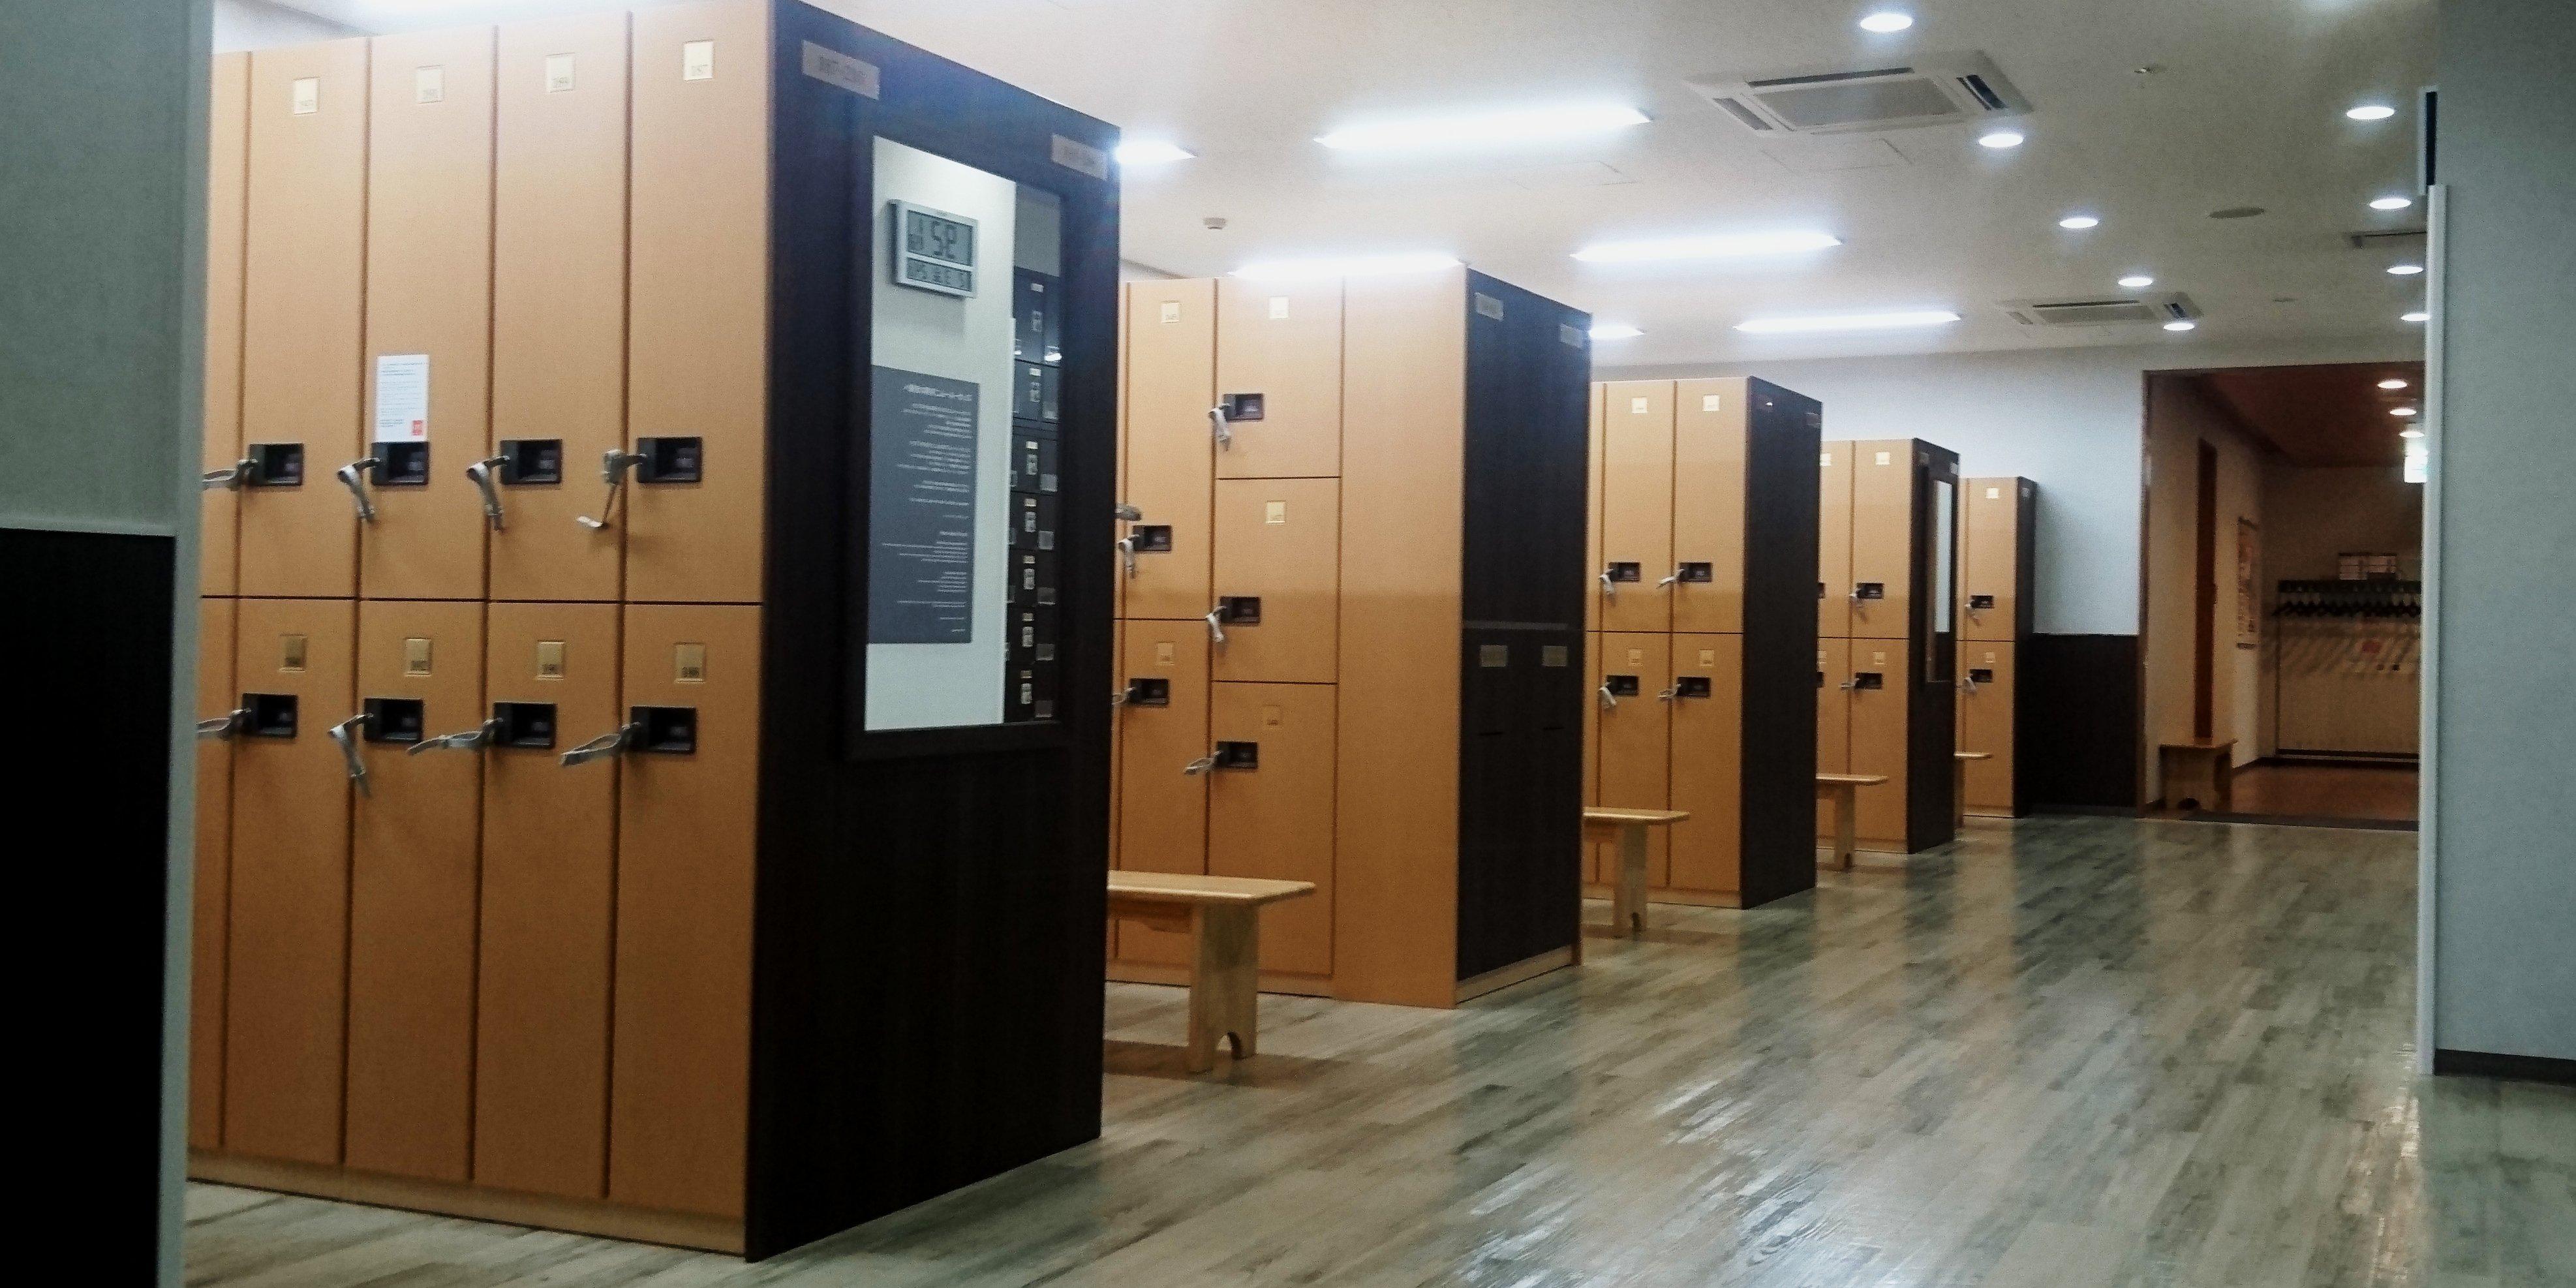 ティップネス二俣川店の施設